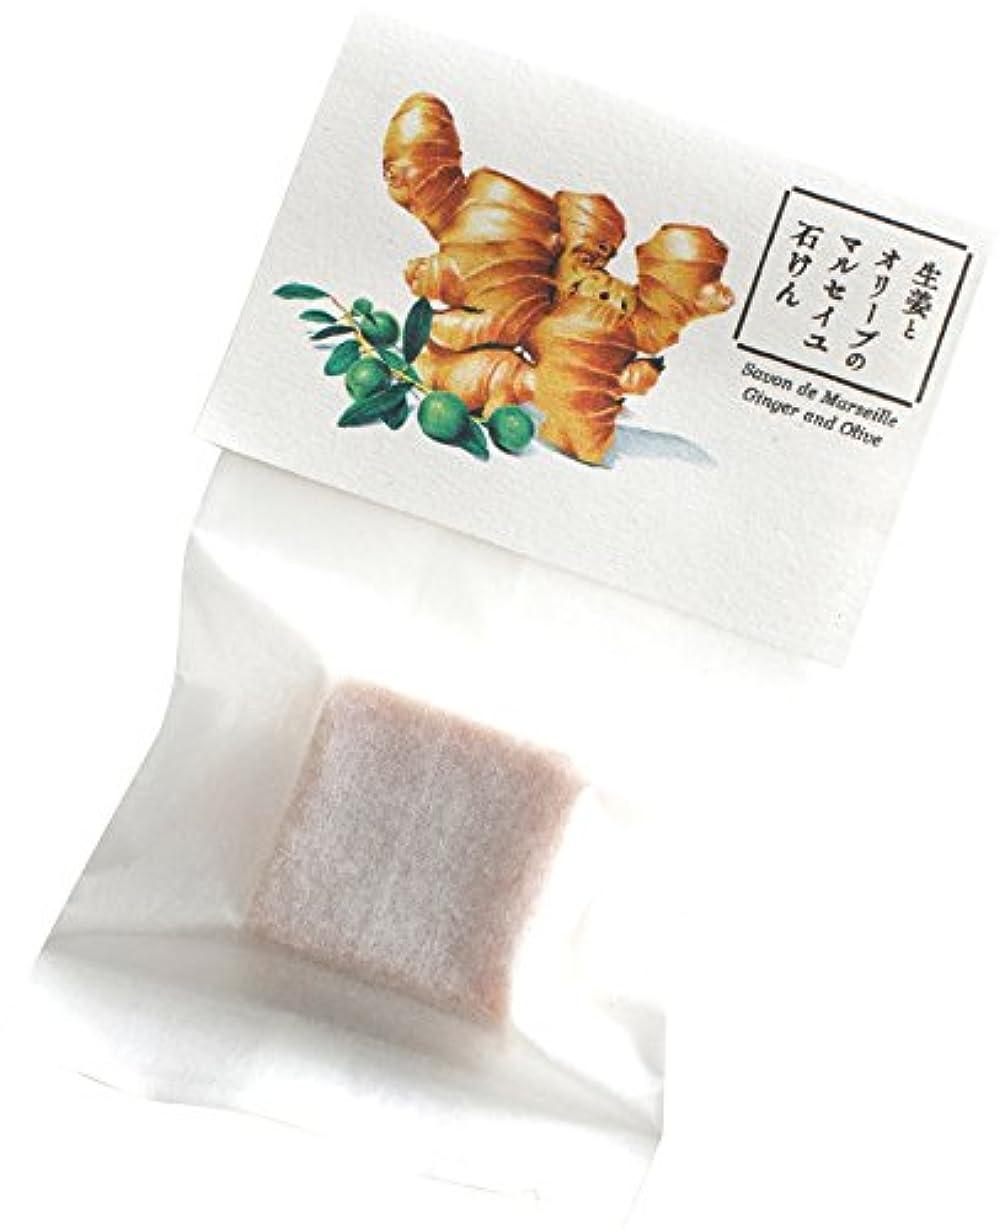 狂気びっくり変なウェルコ 洗顔料 生姜とオリーブのマルセイユ石けん お試し用 10g